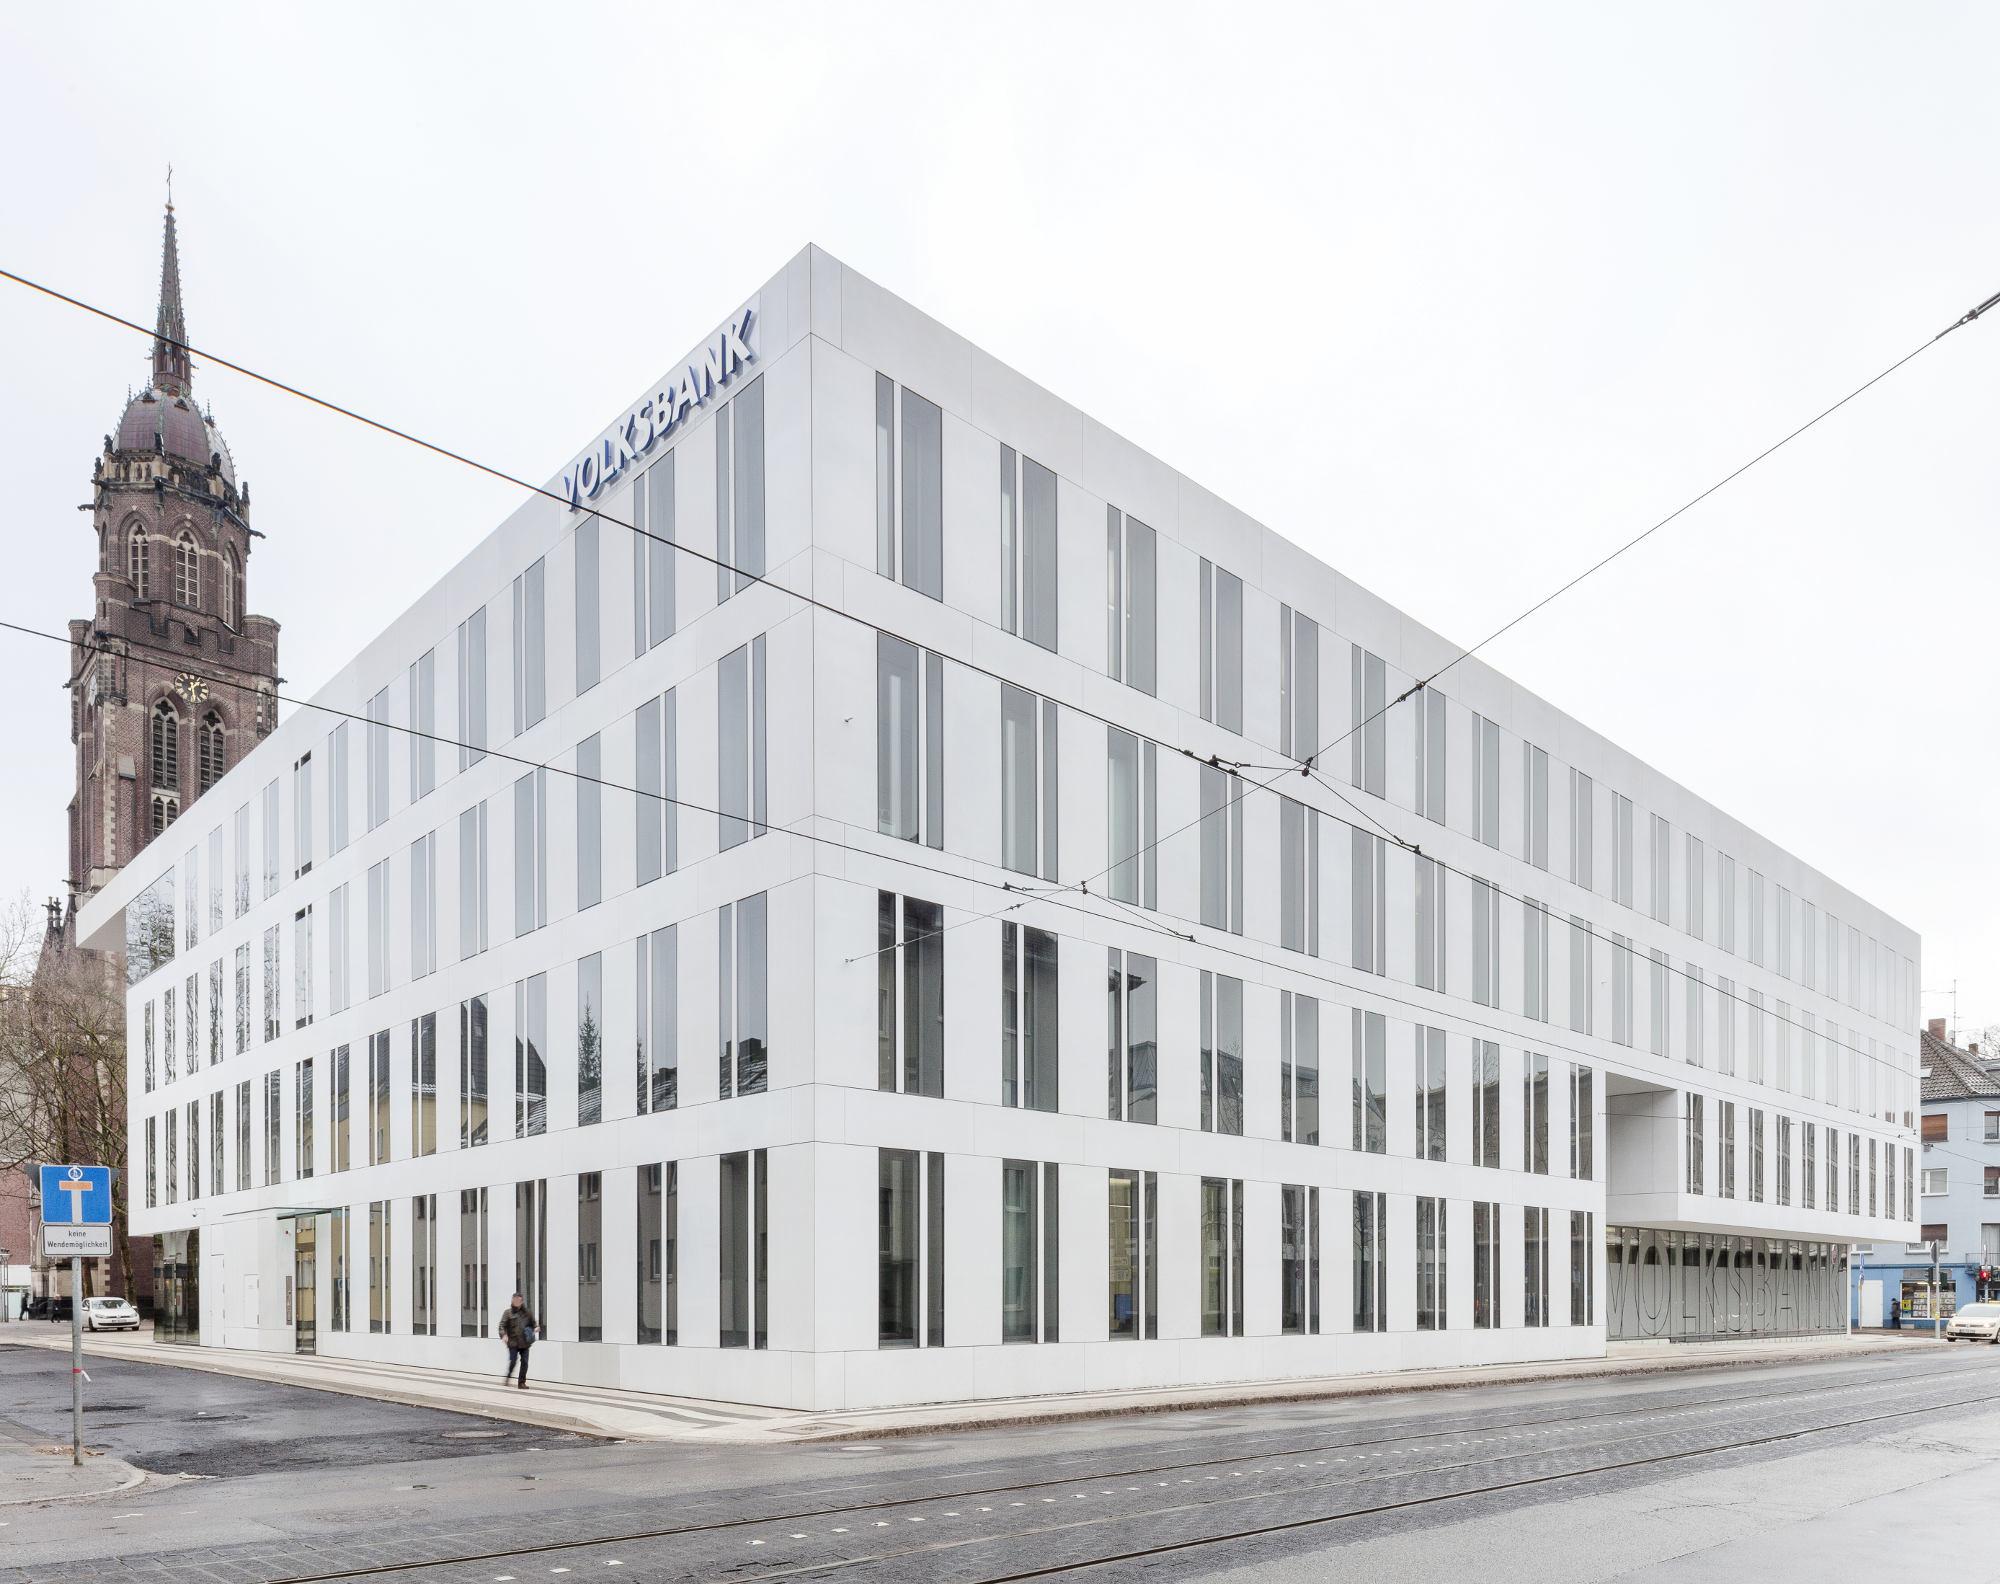 Architekt Krefeld architekt krefeld bernhard buschmann architekt with architekt